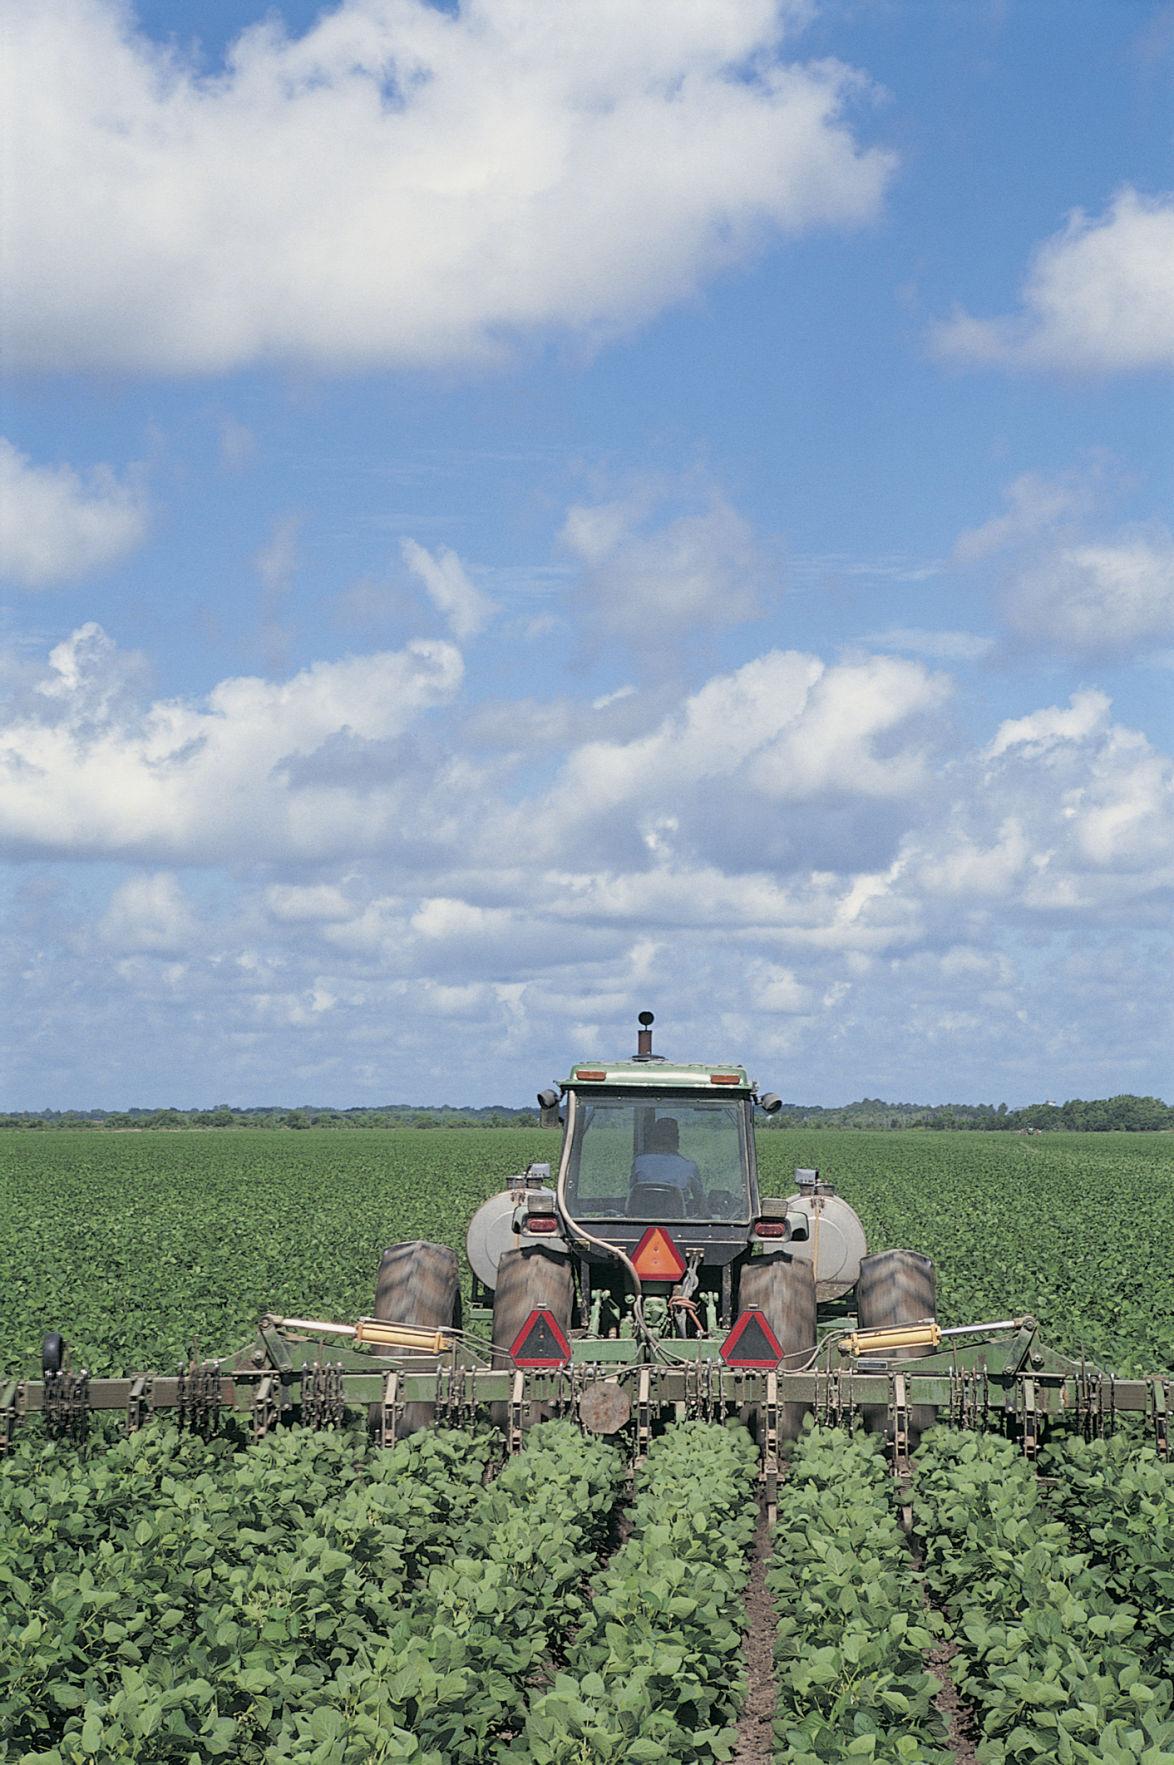 Farm safety webinar series